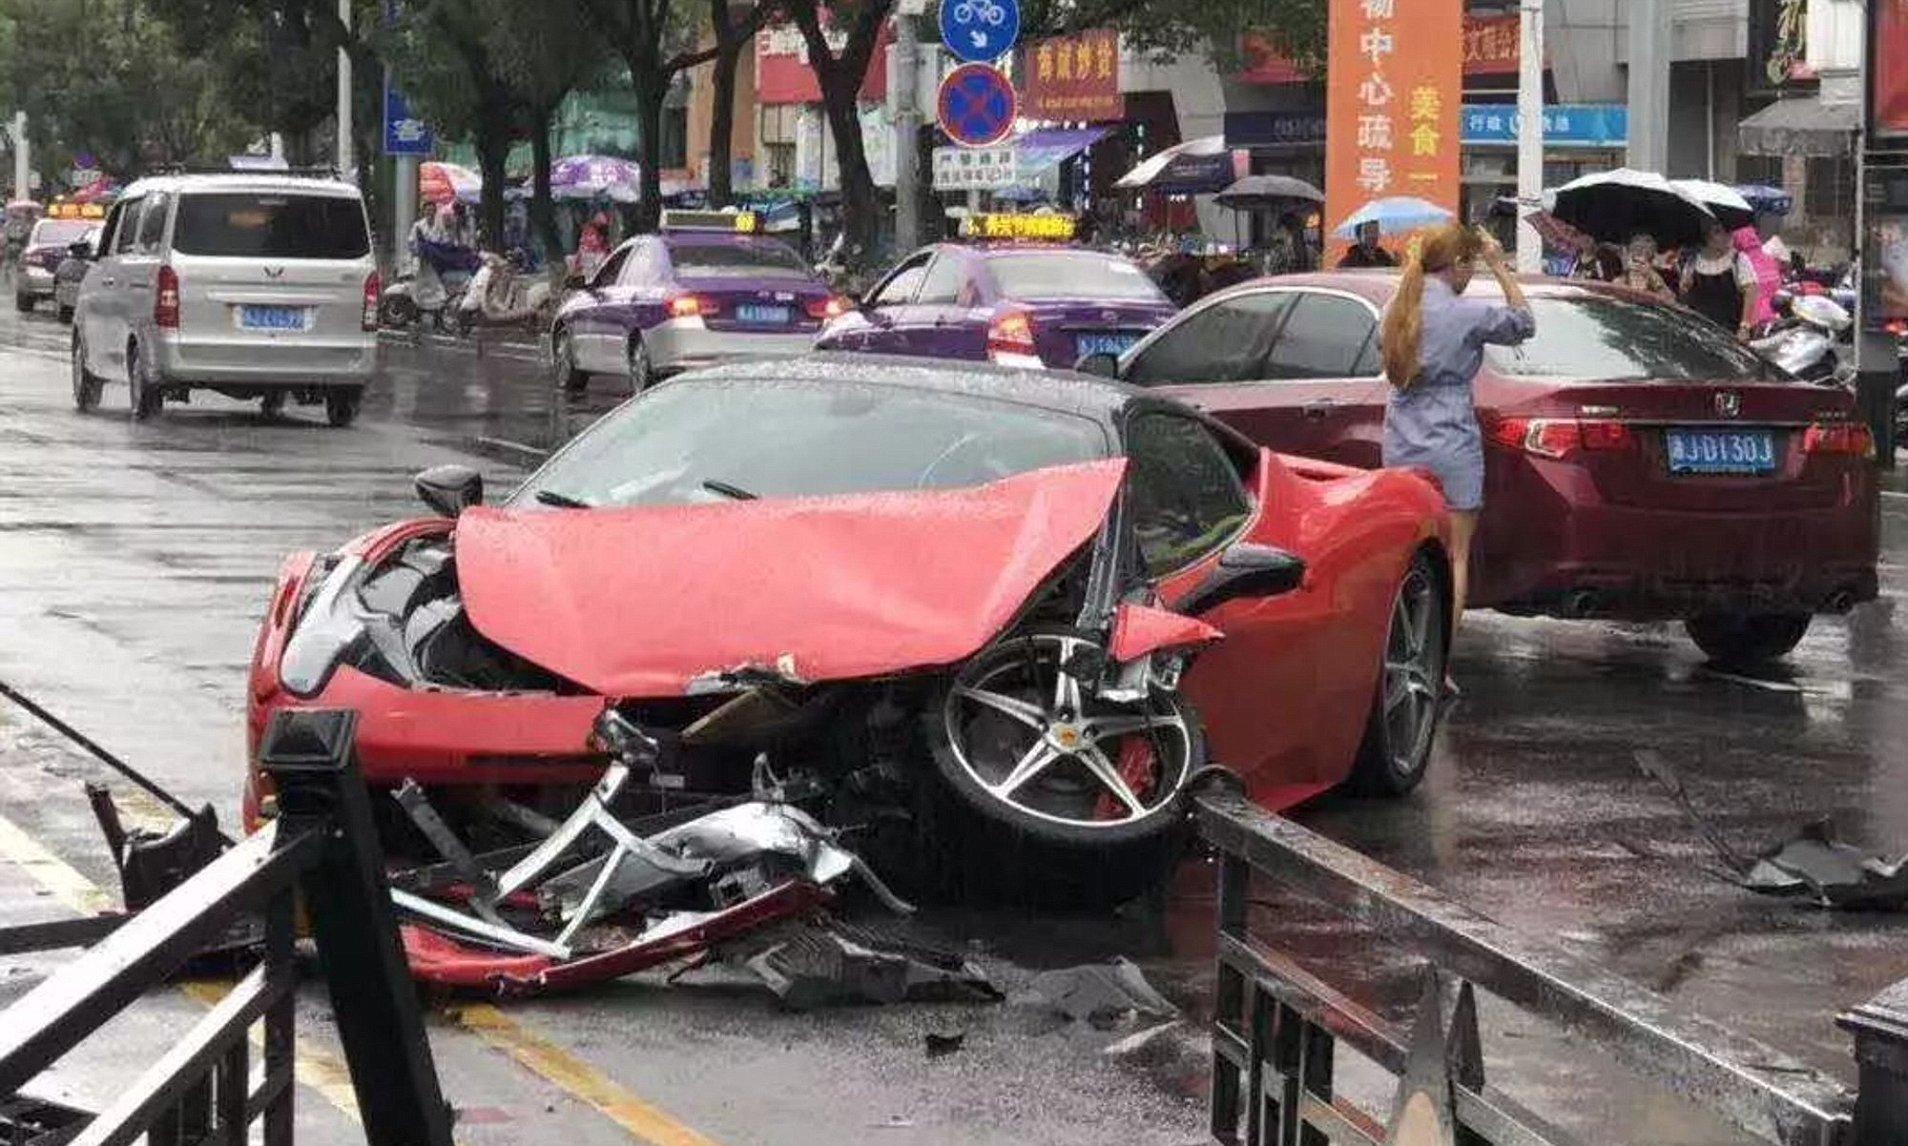 Watch - Idiots destroying their shiny Ferrari's